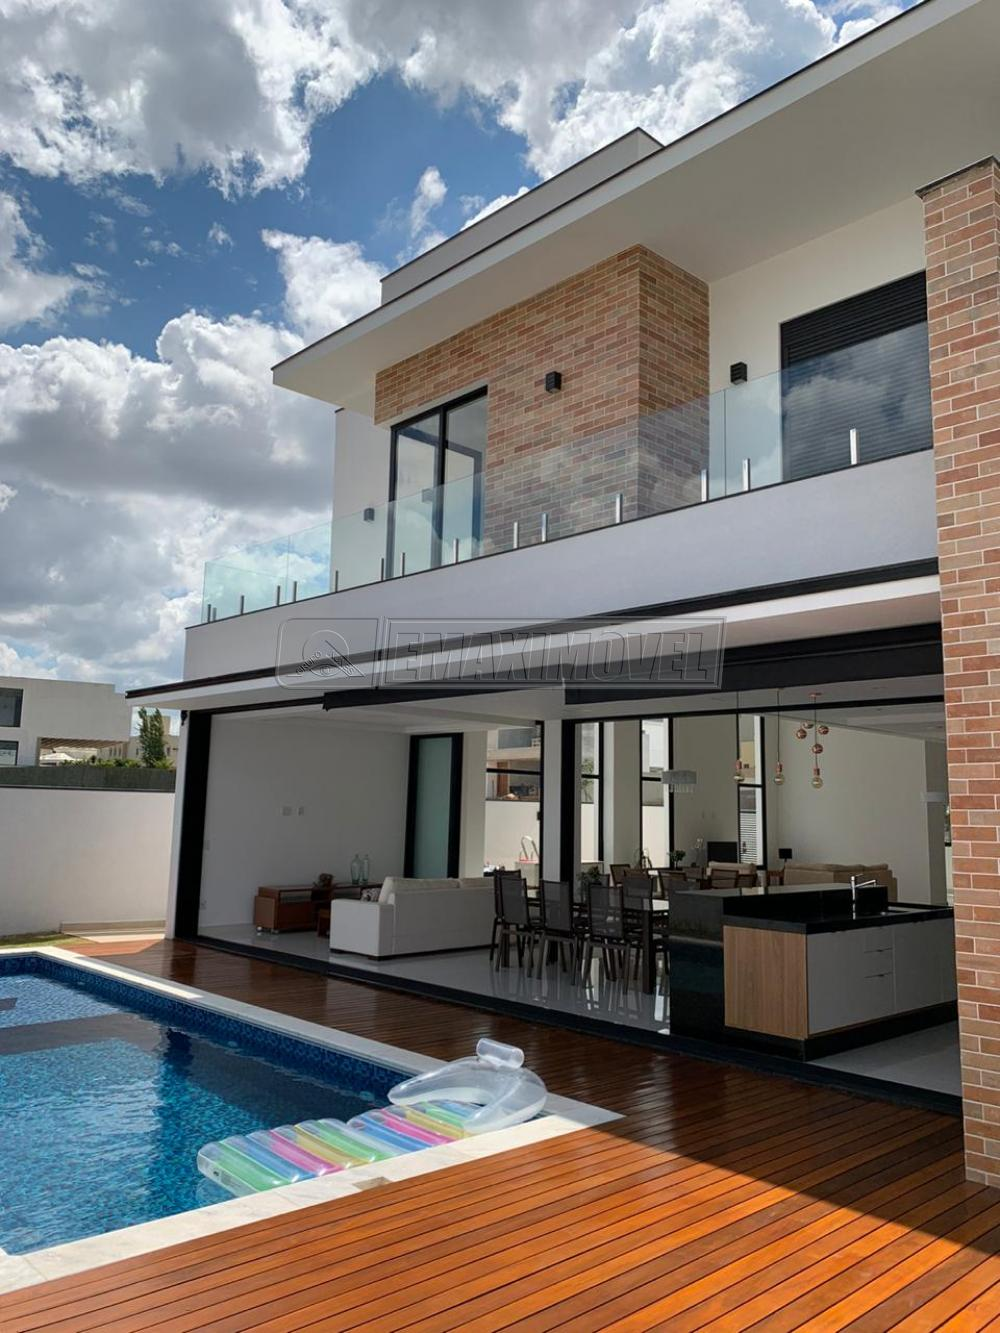 Comprar Casa / em Condomínios em Votorantim R$ 2.250.000,00 - Foto 21